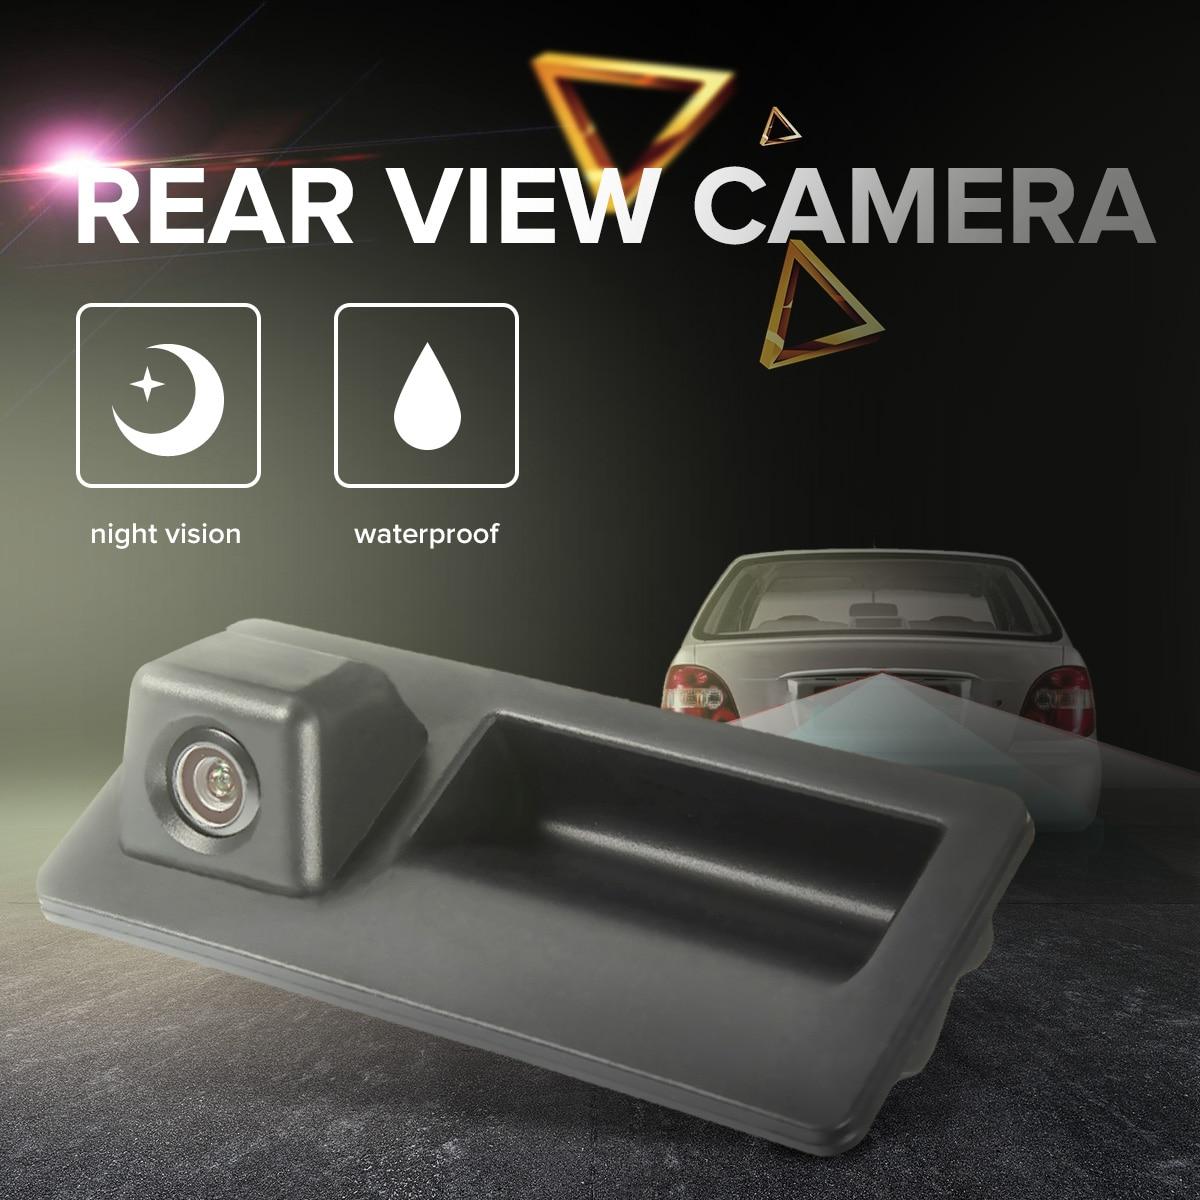 Hot Câmeras de Visão Traseira Do Carro Invertendo Câmera Reversa Para VW/JETTA/TIGUAN/RCD510/RNS315/RNS310 /RNS510